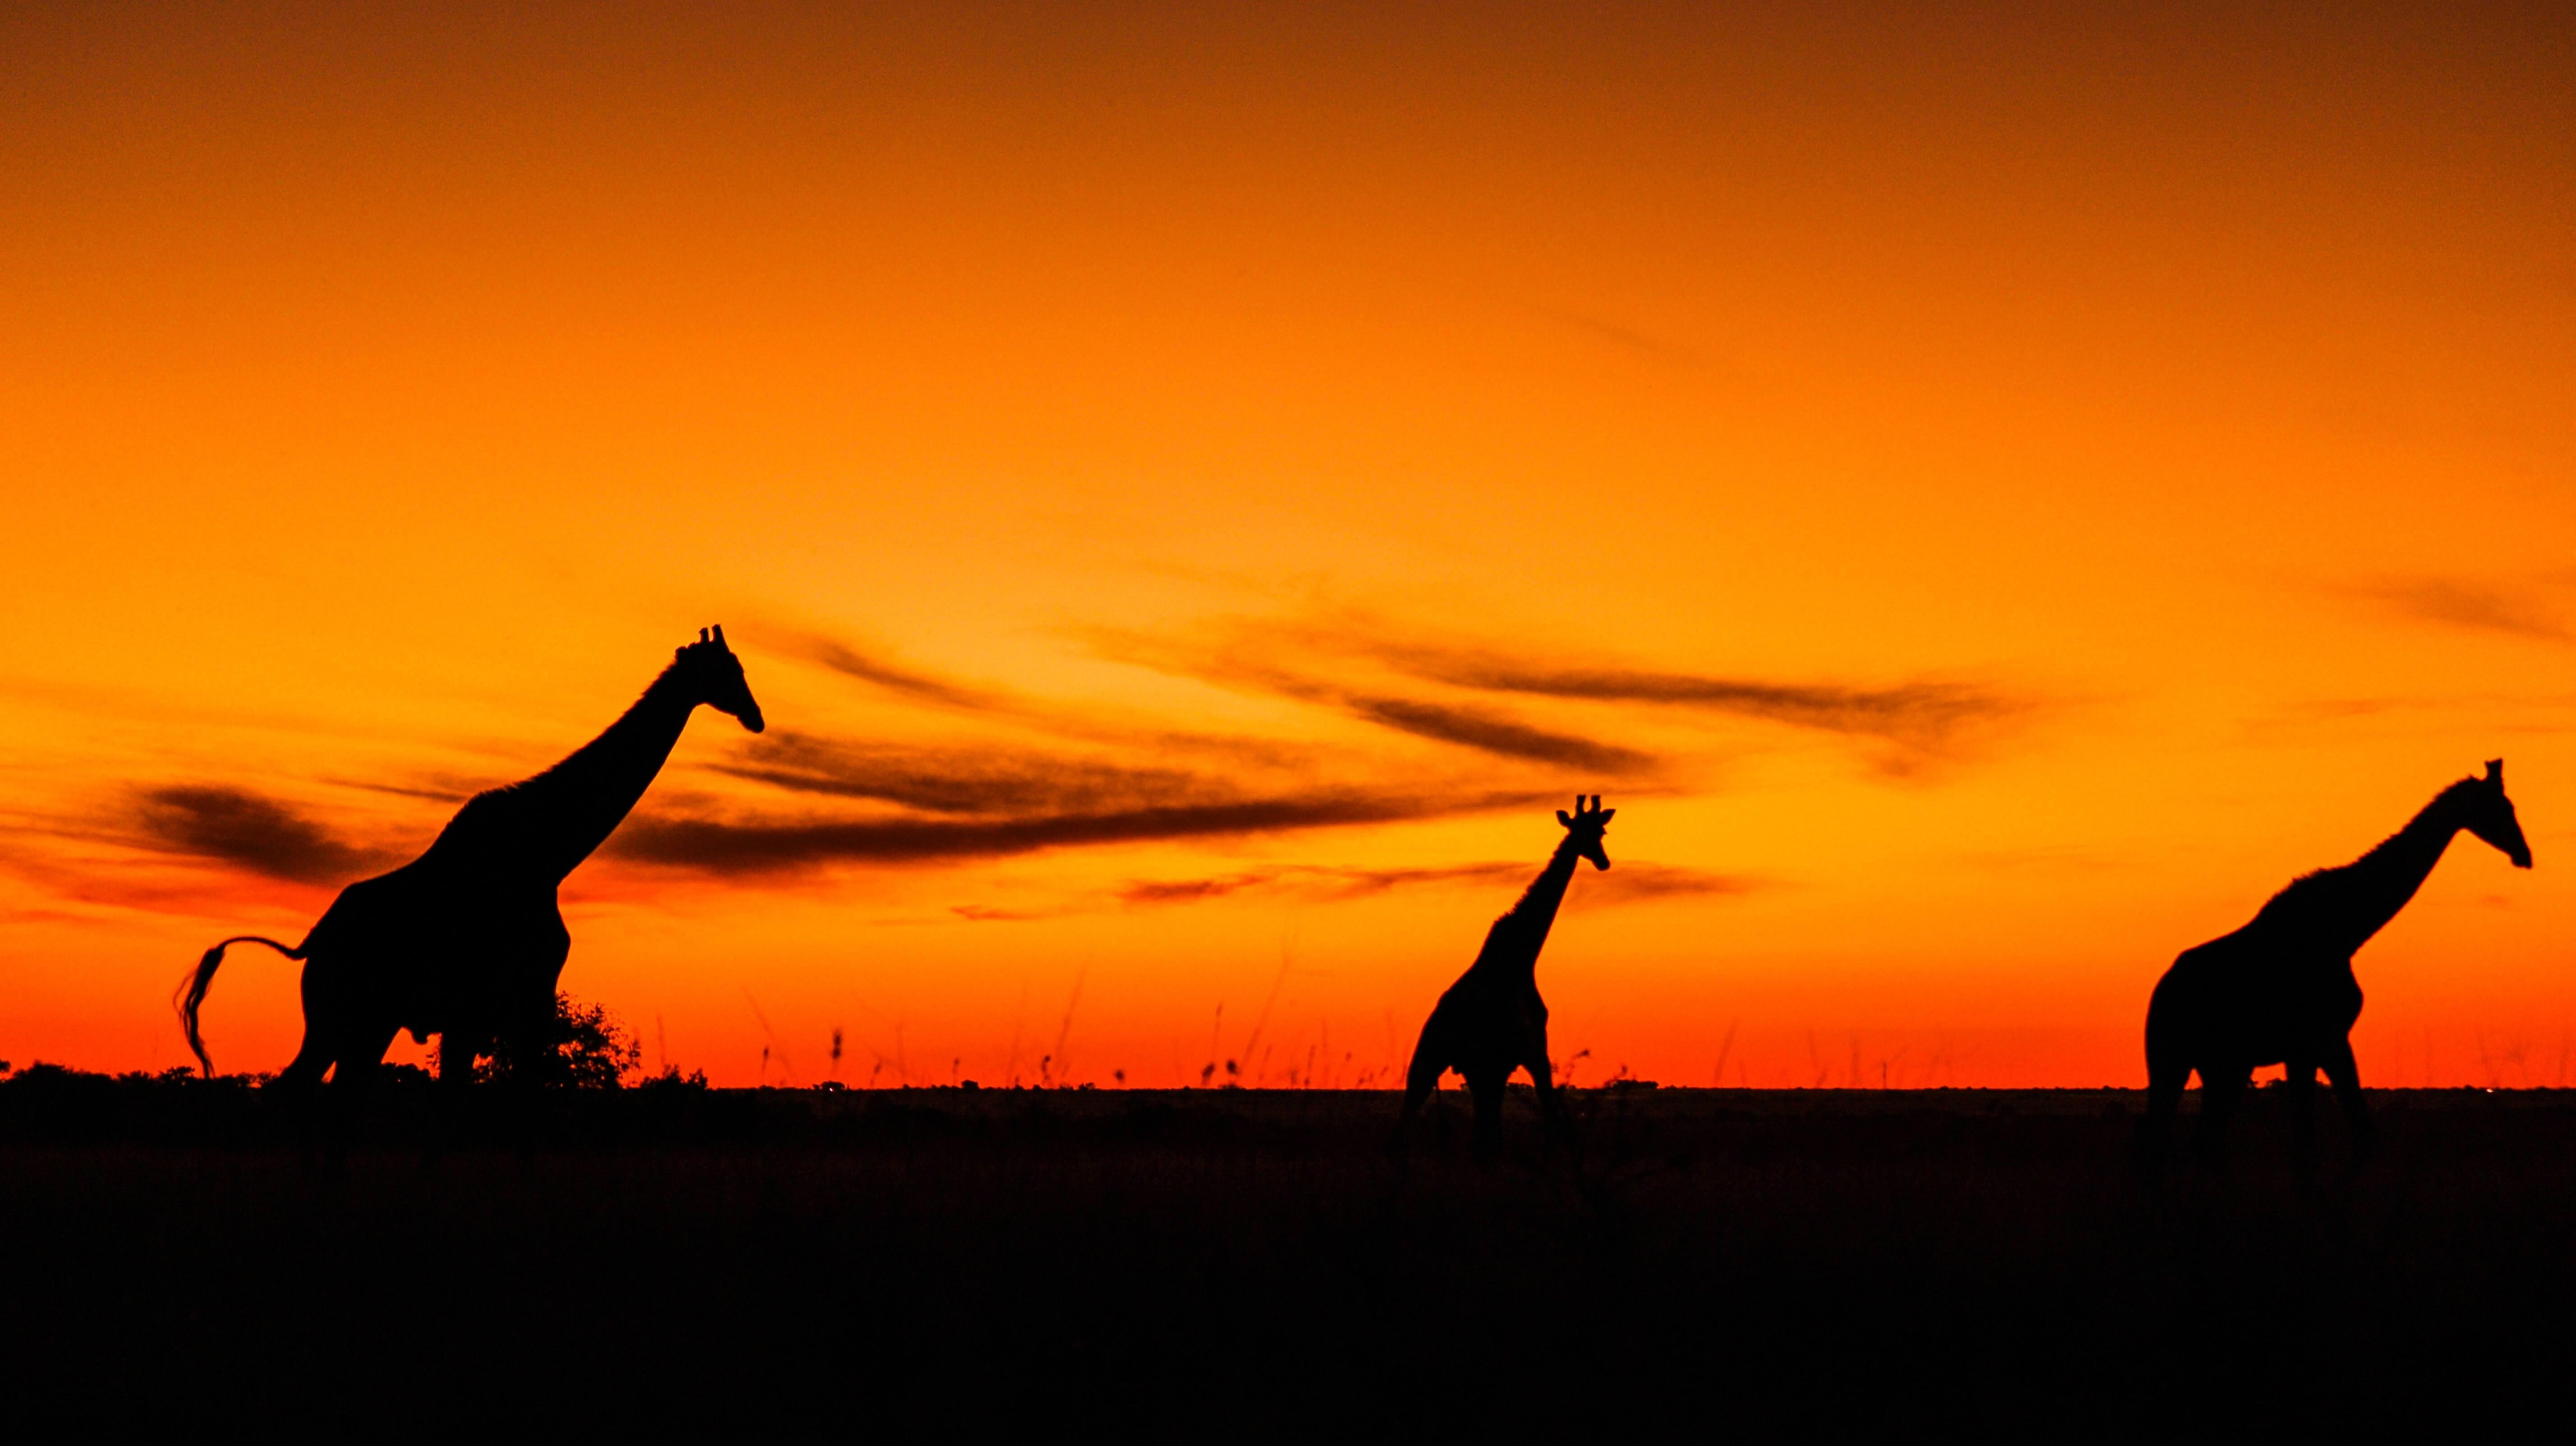 Giraffes walk against orange sunset